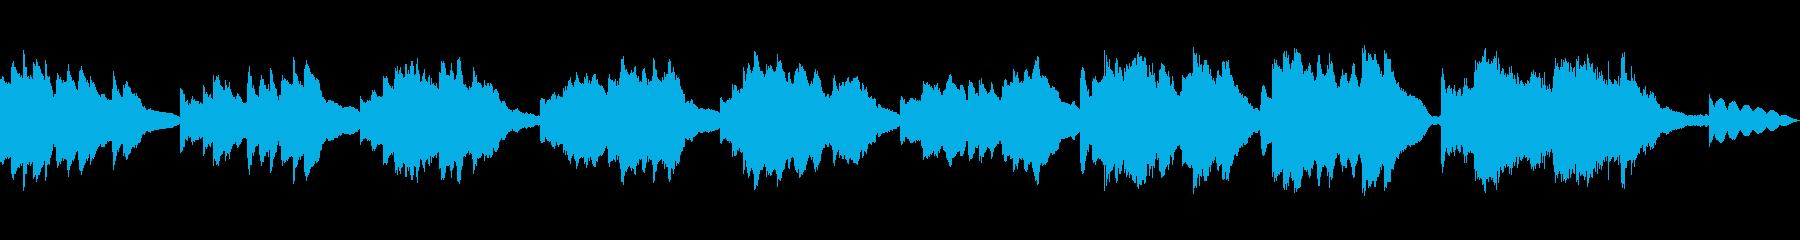 ソフトで優雅なピアノオスチナートの再生済みの波形